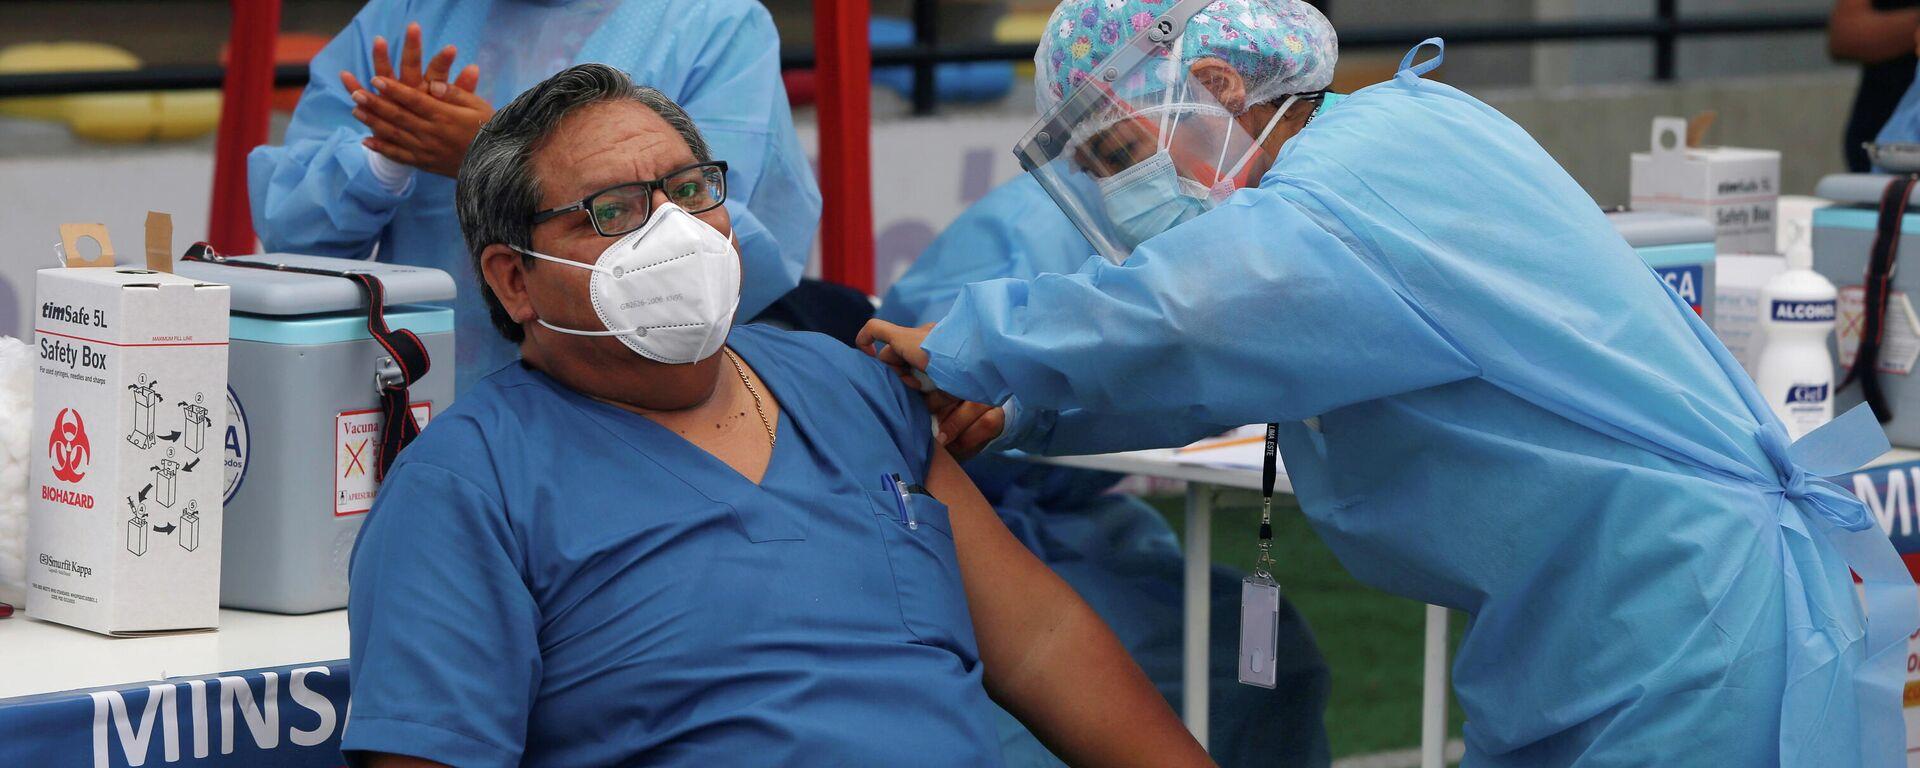 Vacunación en Lima, Perú - Sputnik Mundo, 1920, 15.03.2021